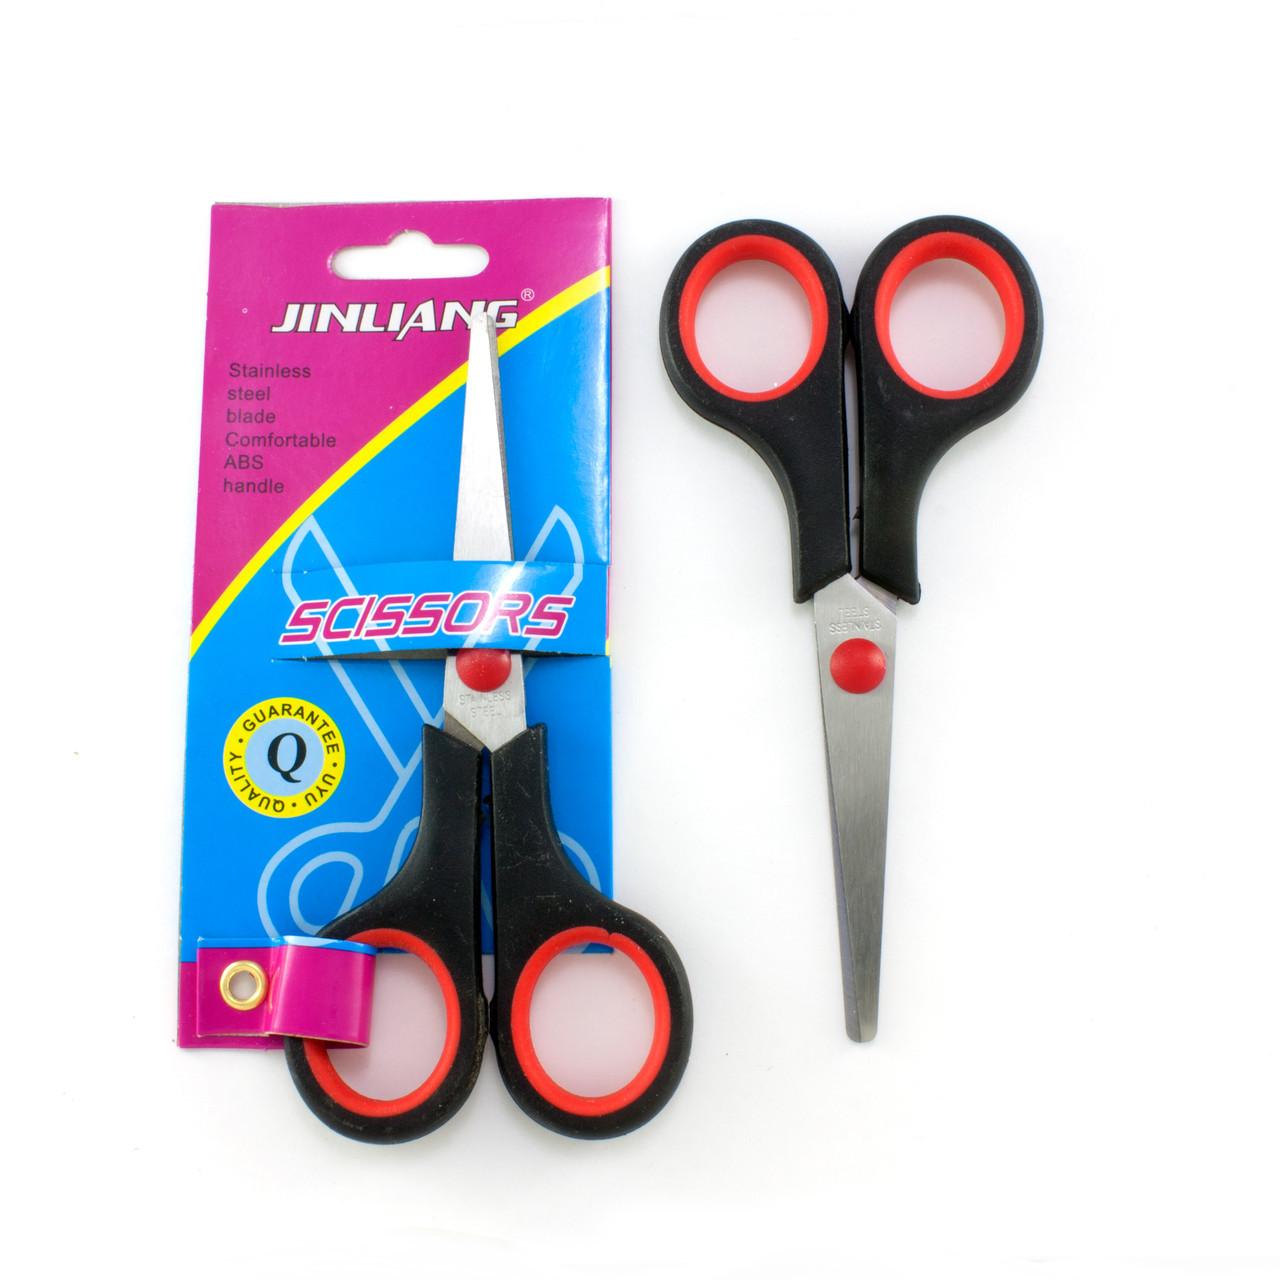 Ножницы офисные 13,5см с пластиковыми прорезиненными  ручками